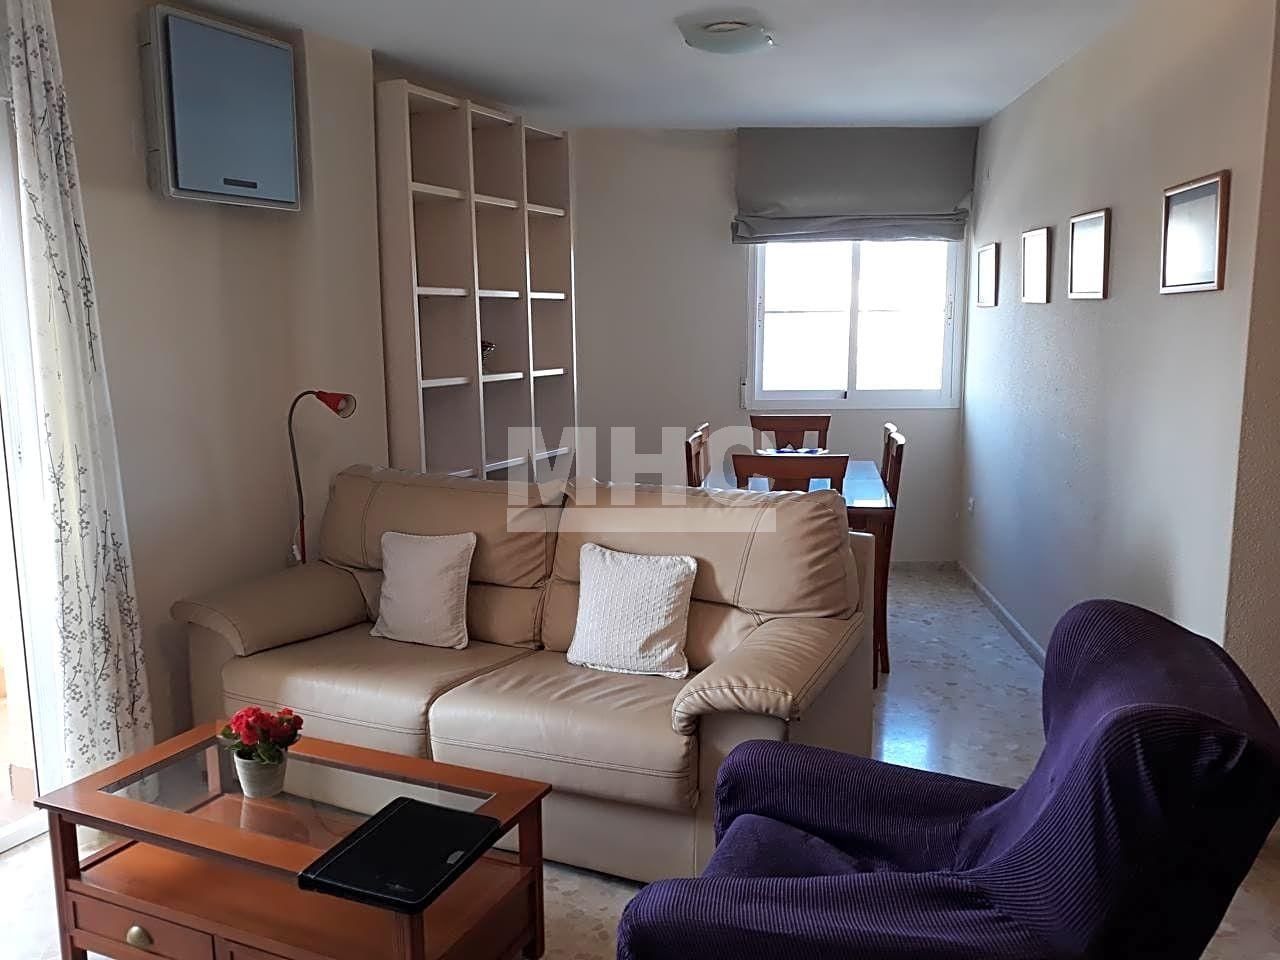 Mhc Servicios Inmobiliarios Piso En Alquiler En Roquetas De Mar  # Muebles Roquetas De Mar